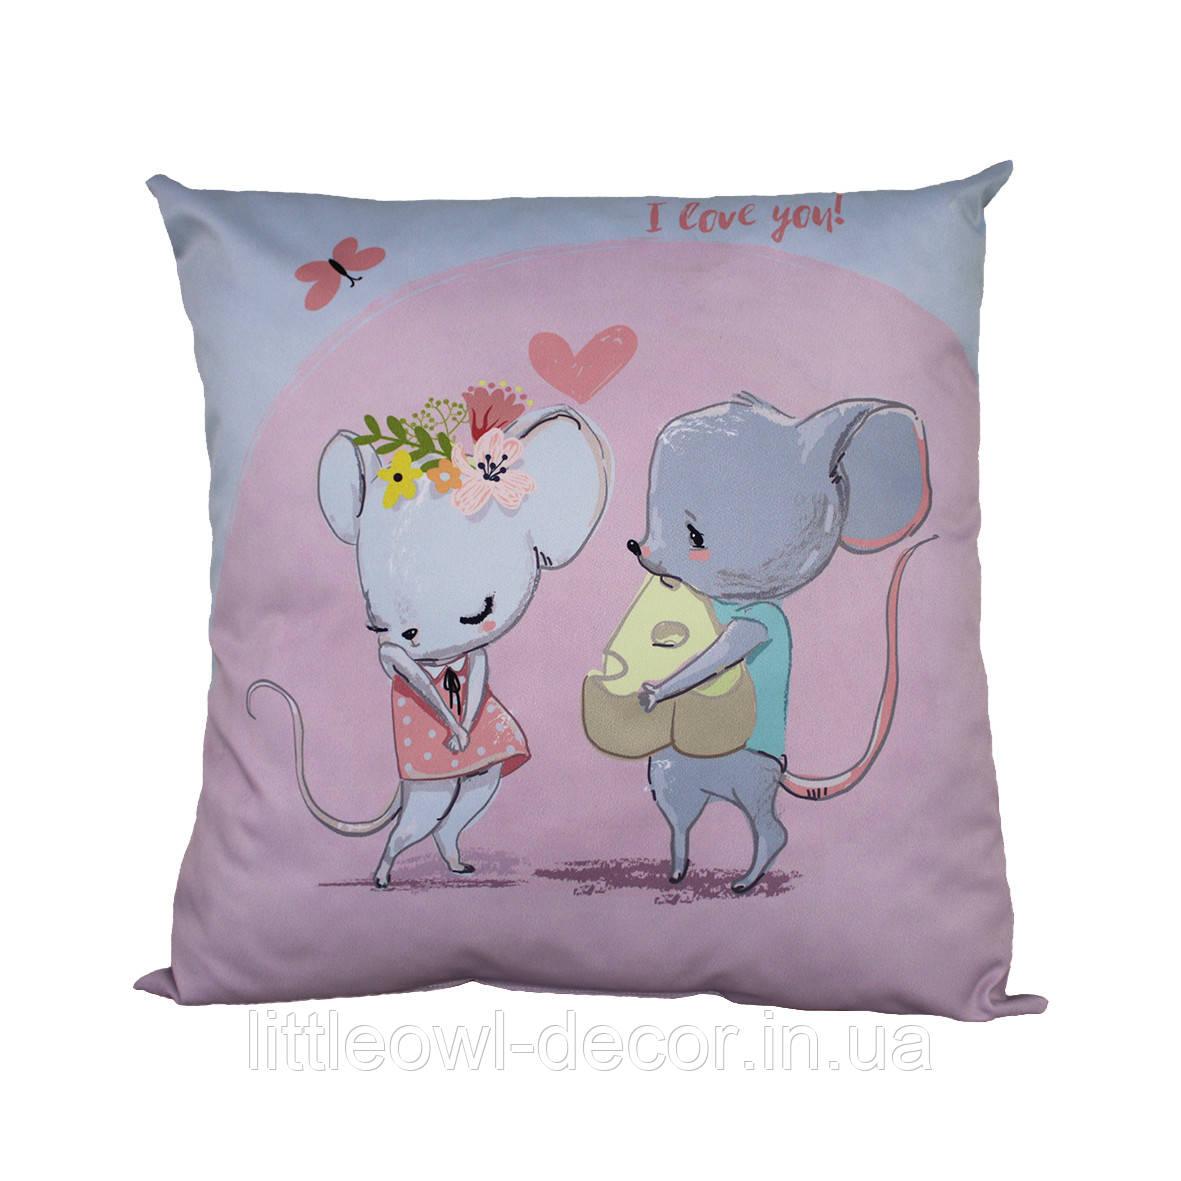 Подушка Две Мышки 40х40см